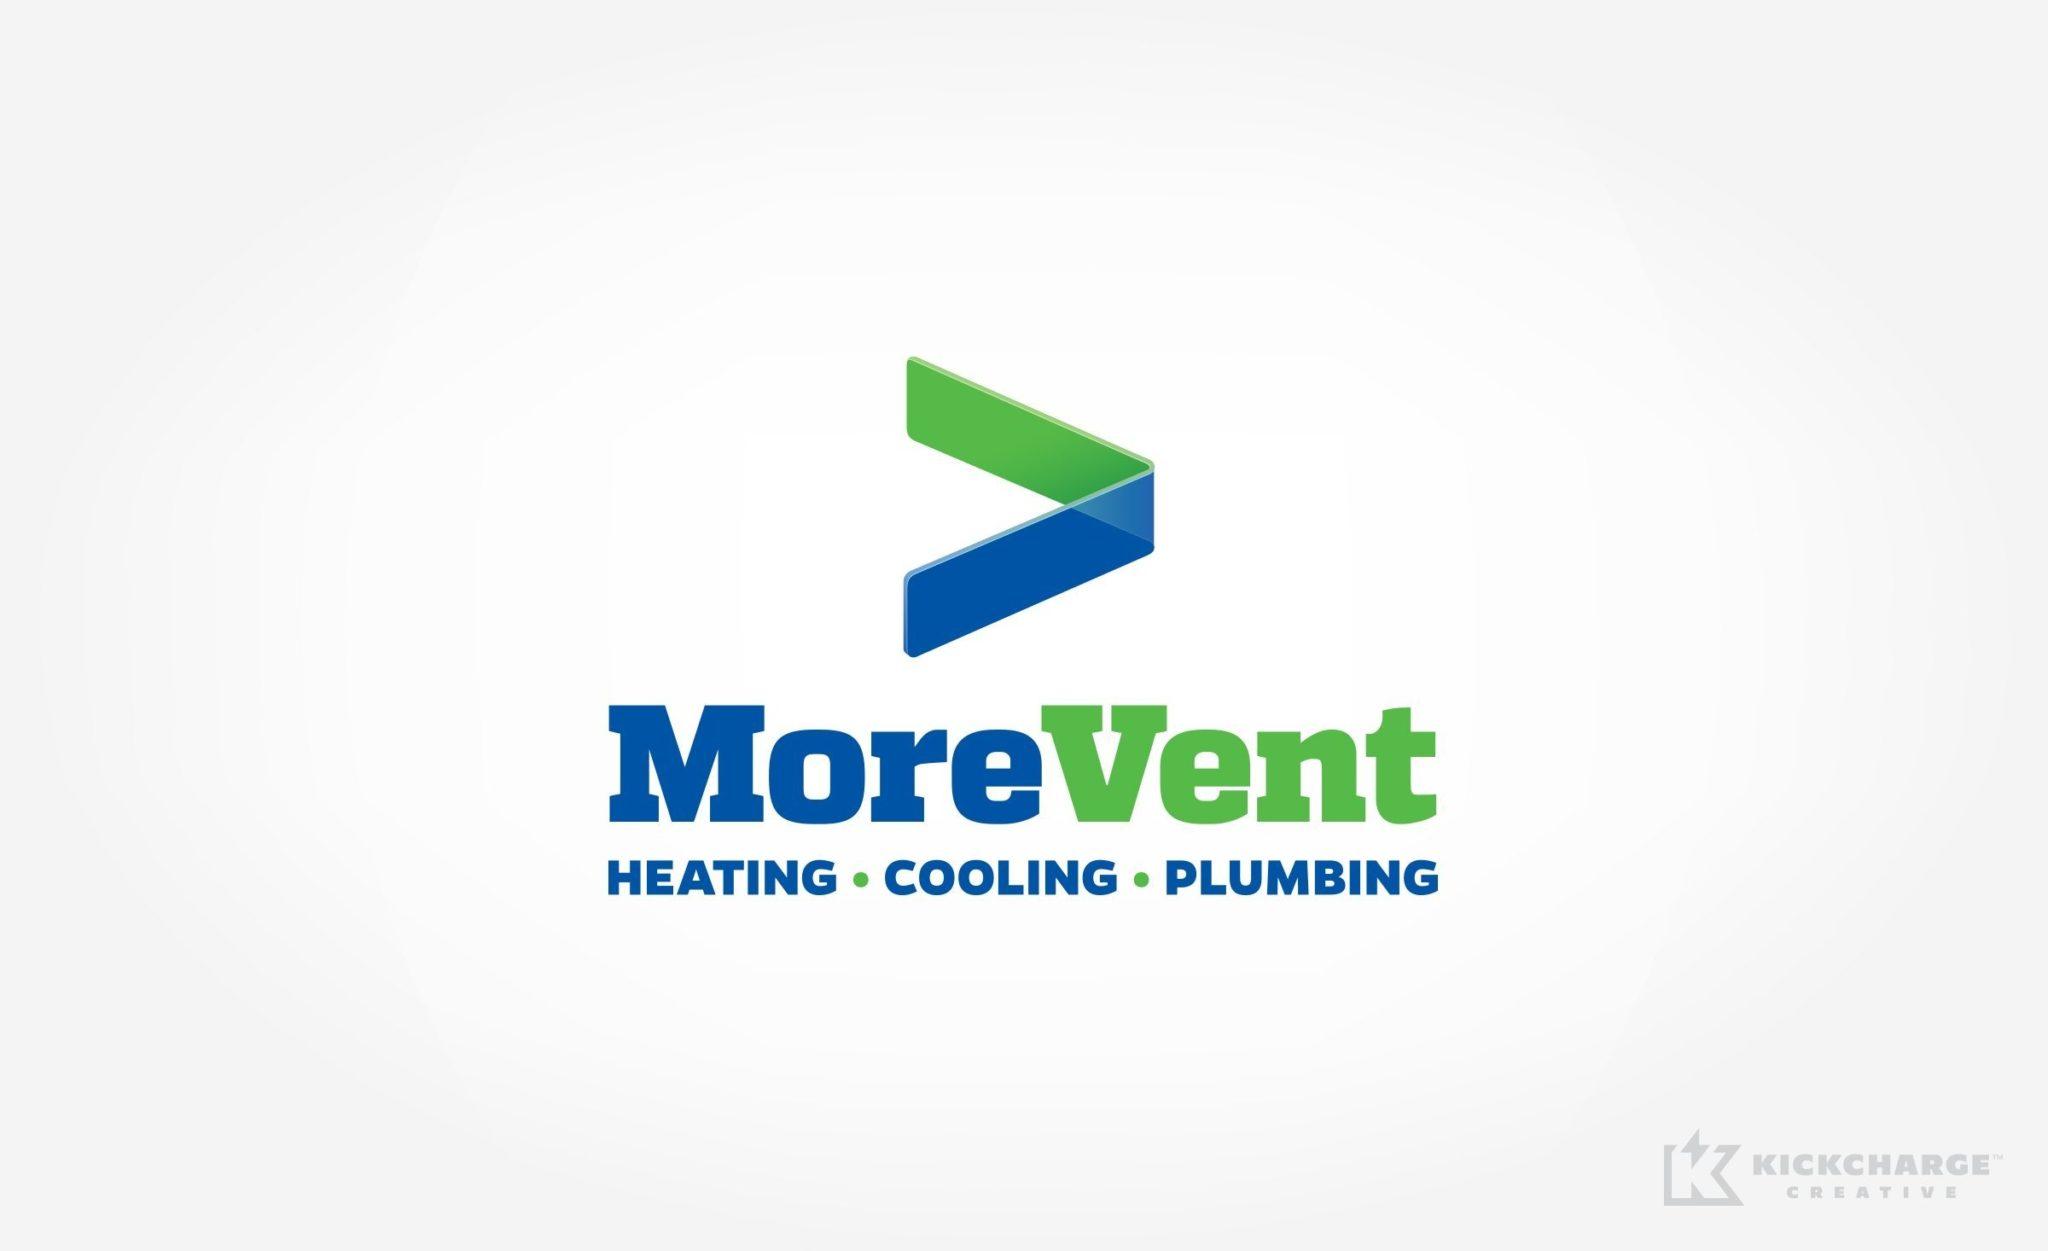 Logo design for MoreVent.